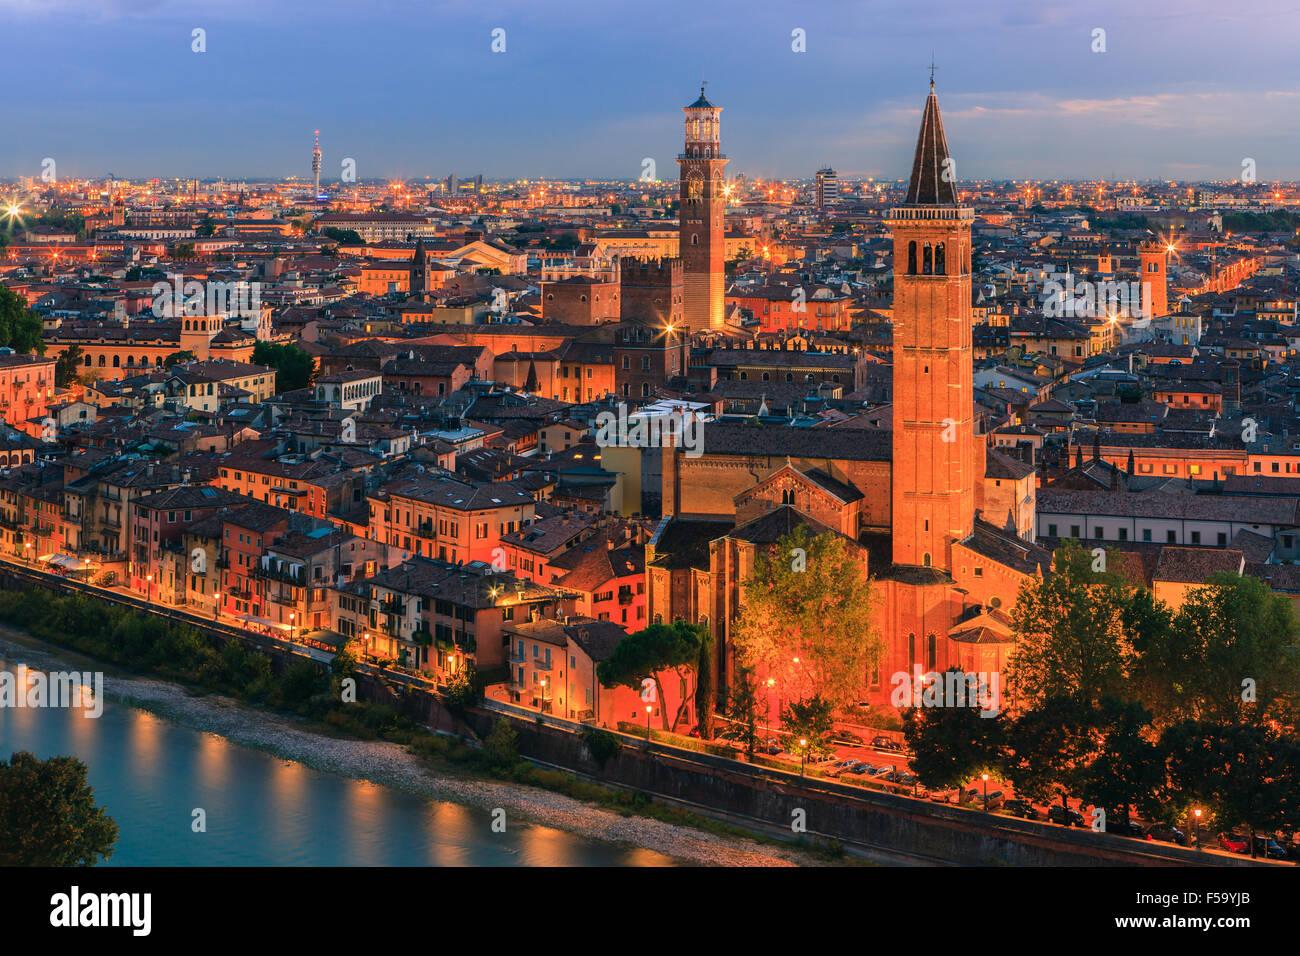 Kirche Santa Anastasia und Torre dei Lamberti in der Abenddämmerung entlang der Etsch in Verona, Italien. Stockbild